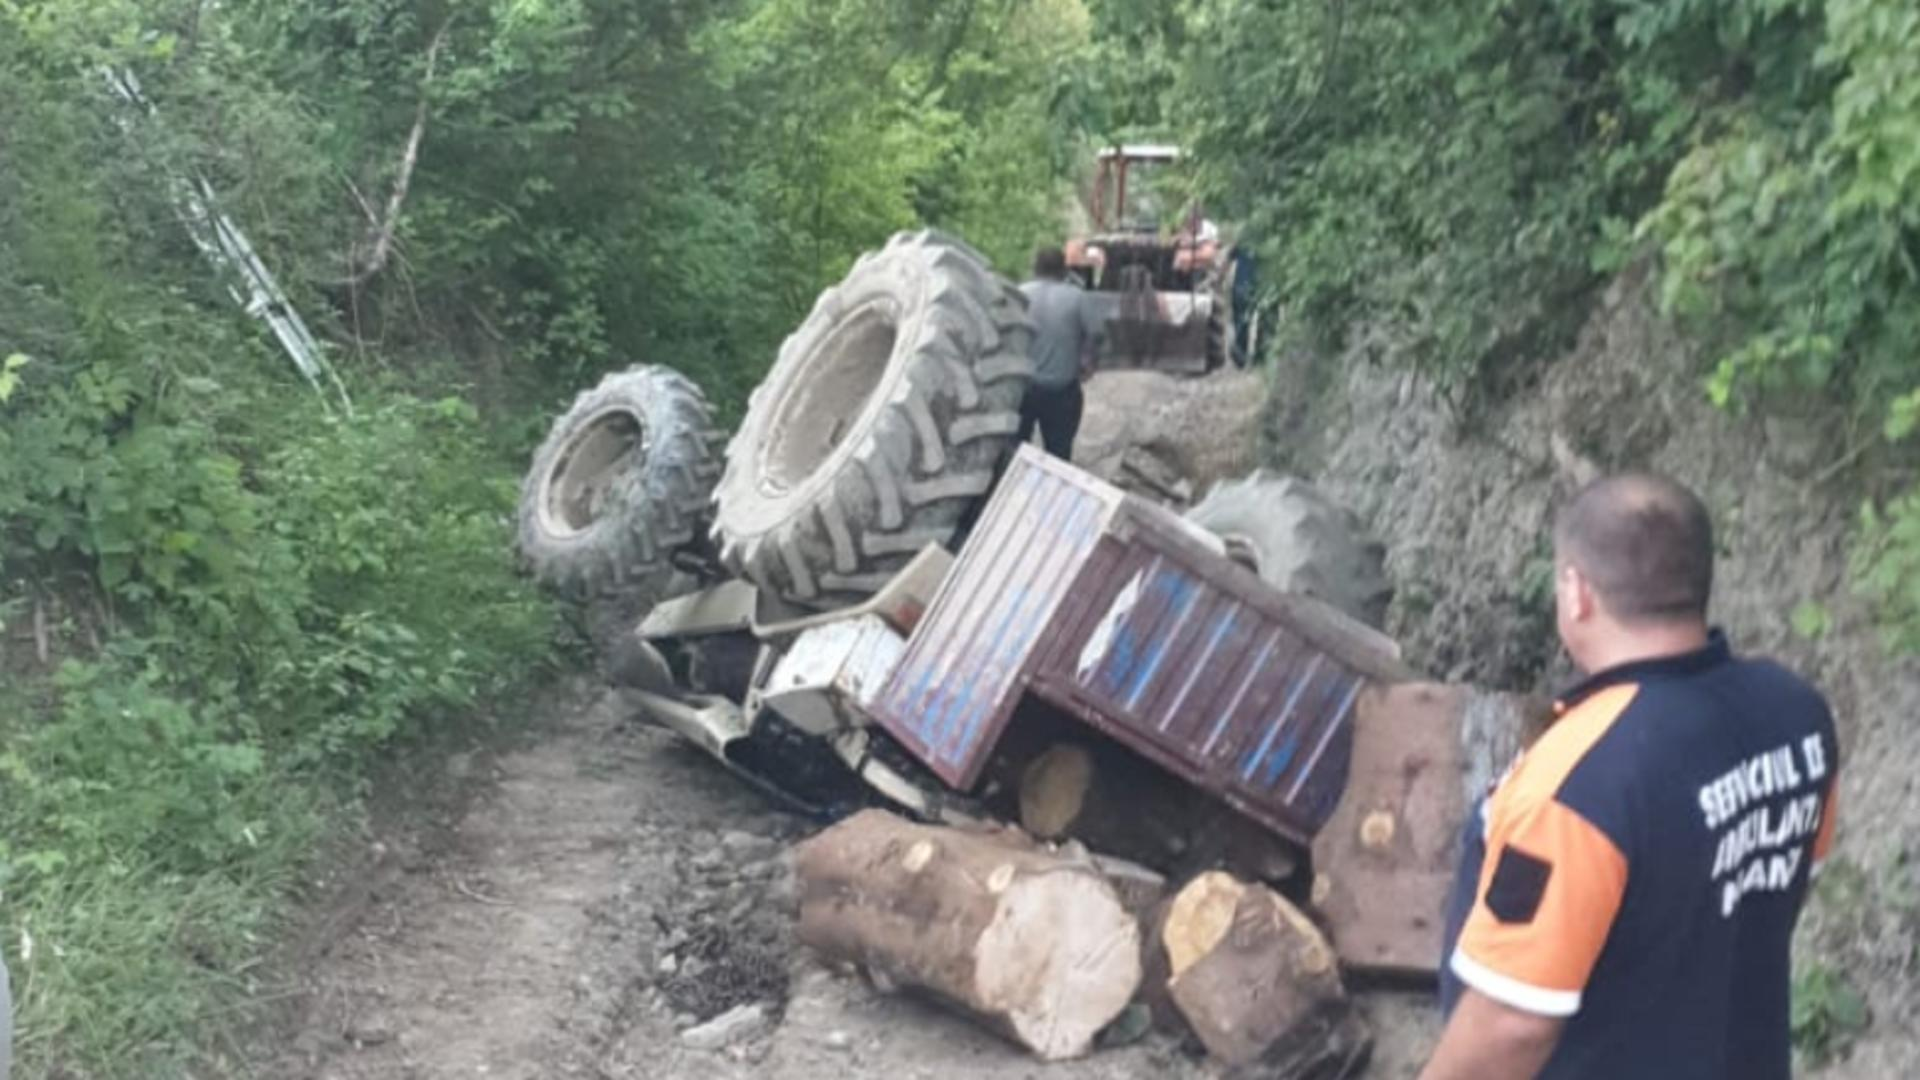 Moarte CUMPLITĂ în județul Neamț: Și-a dat ultima suflare prins sub tractorul pe care-l conducea